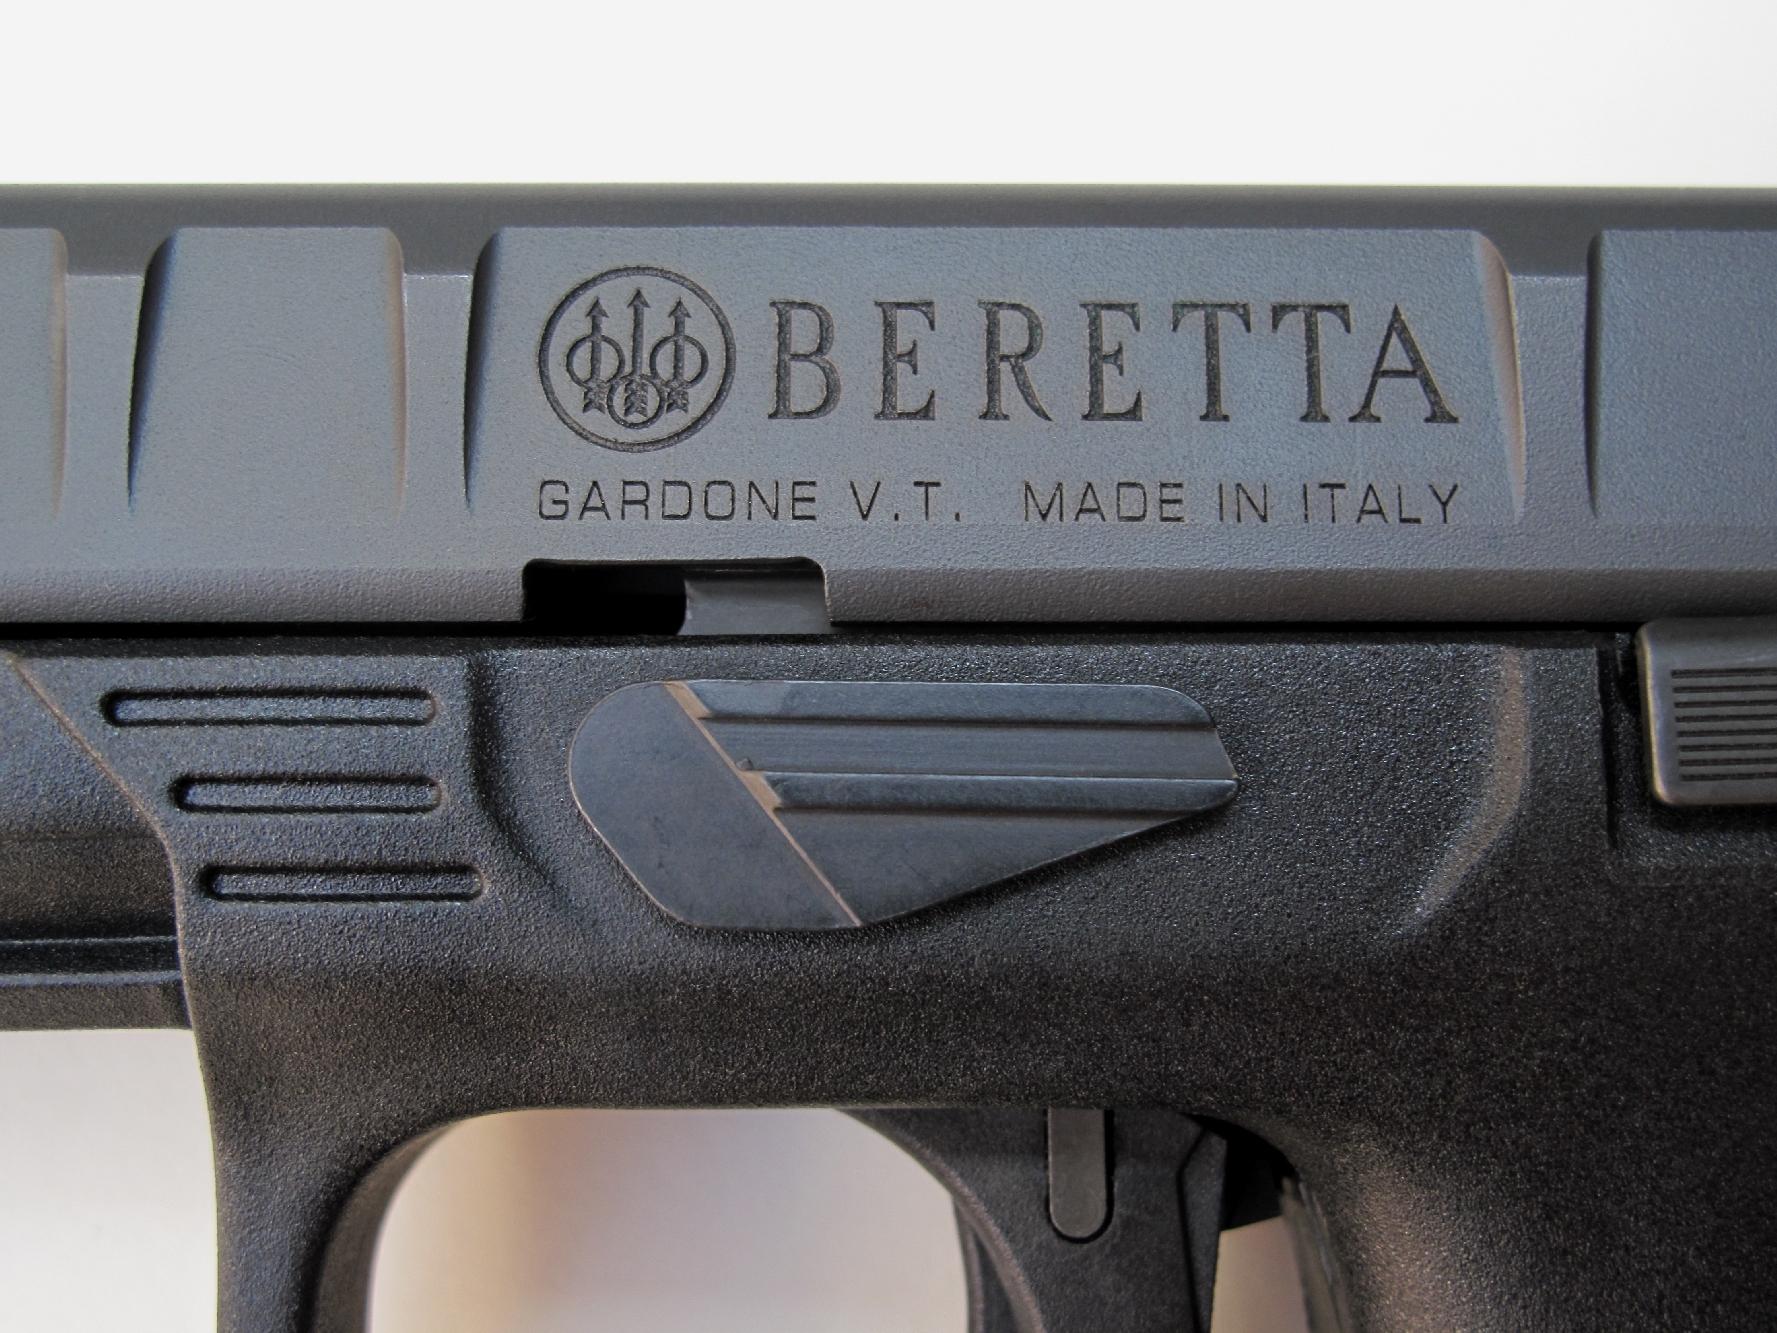 Le nom et le logo du fabricant italien sont gravés sur le côté gauche de la glissière, juste au-dessus du levier de démontage.